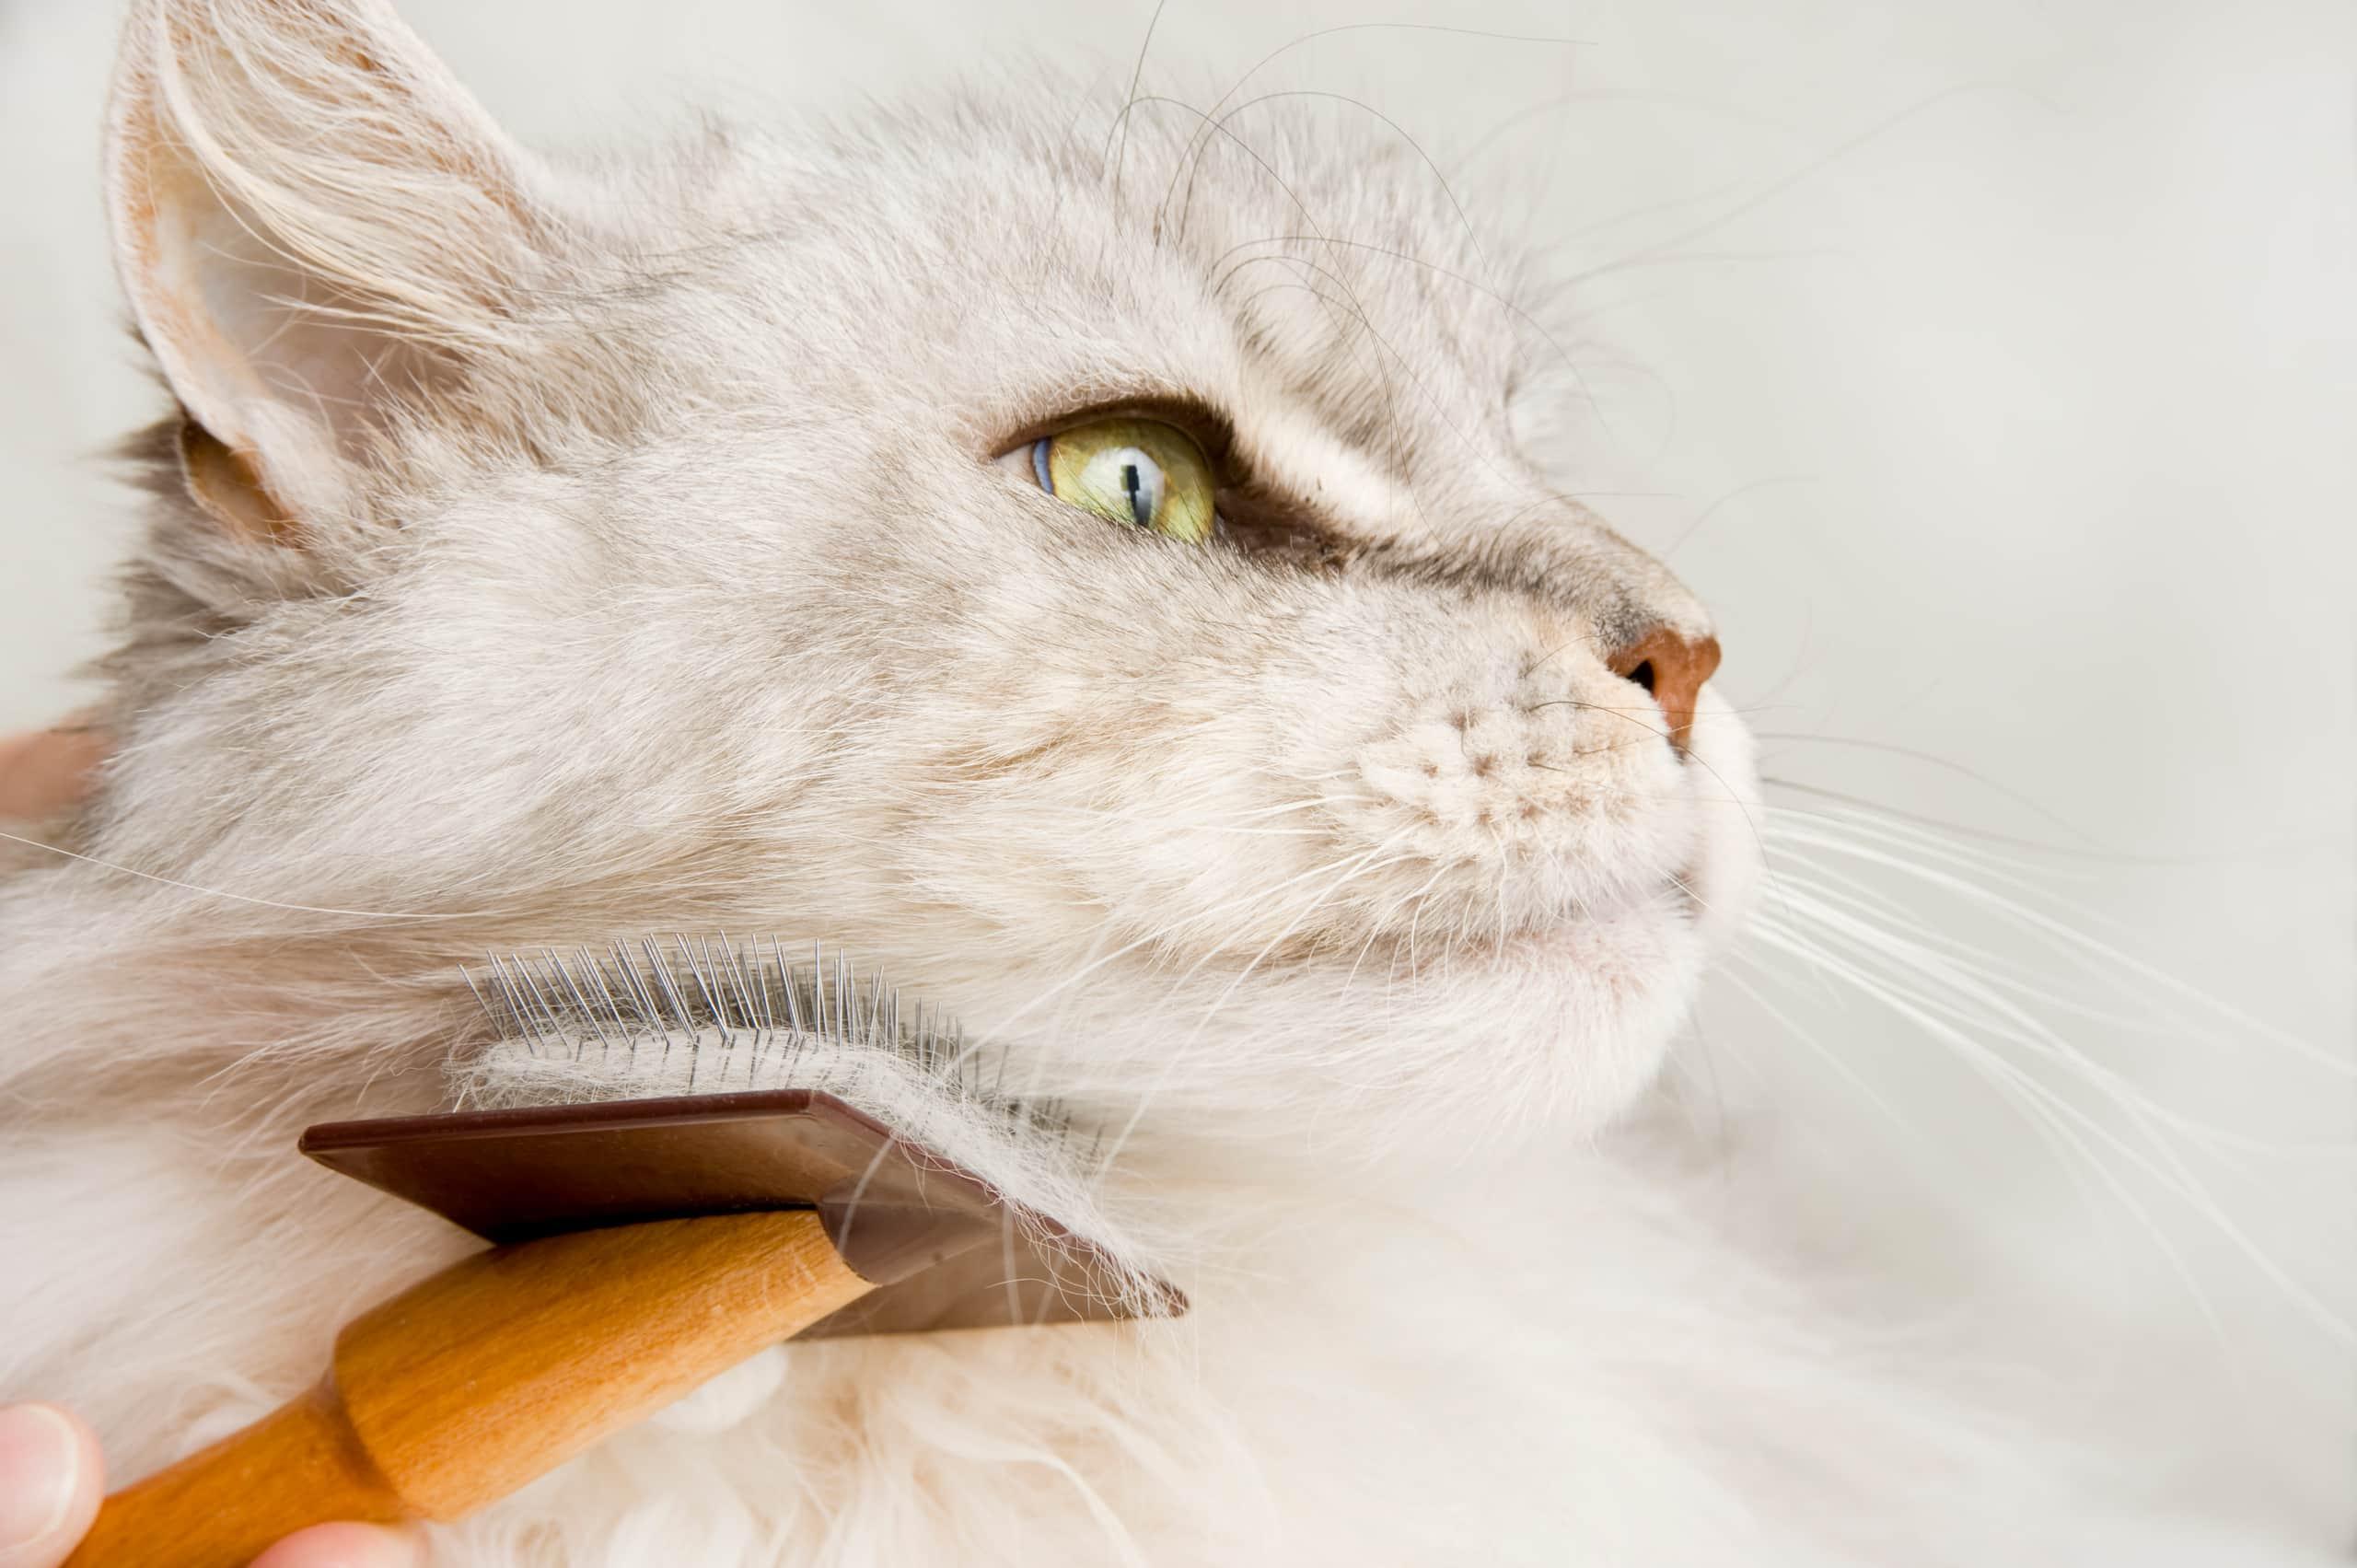 Chat blanc à poil long qui se fait brosser